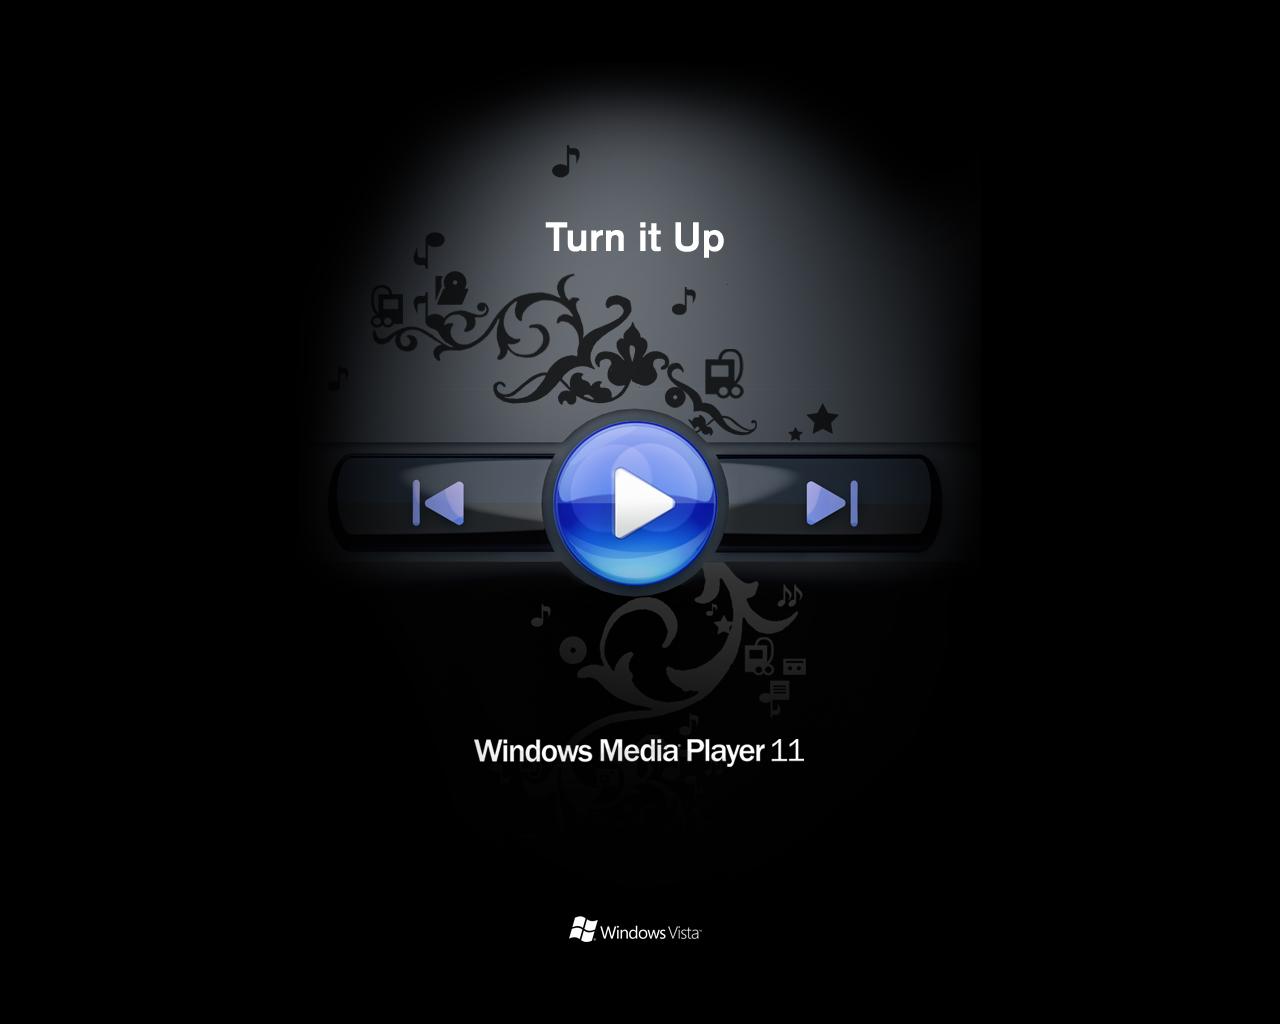 Виндовс медиа плеер 10 версии